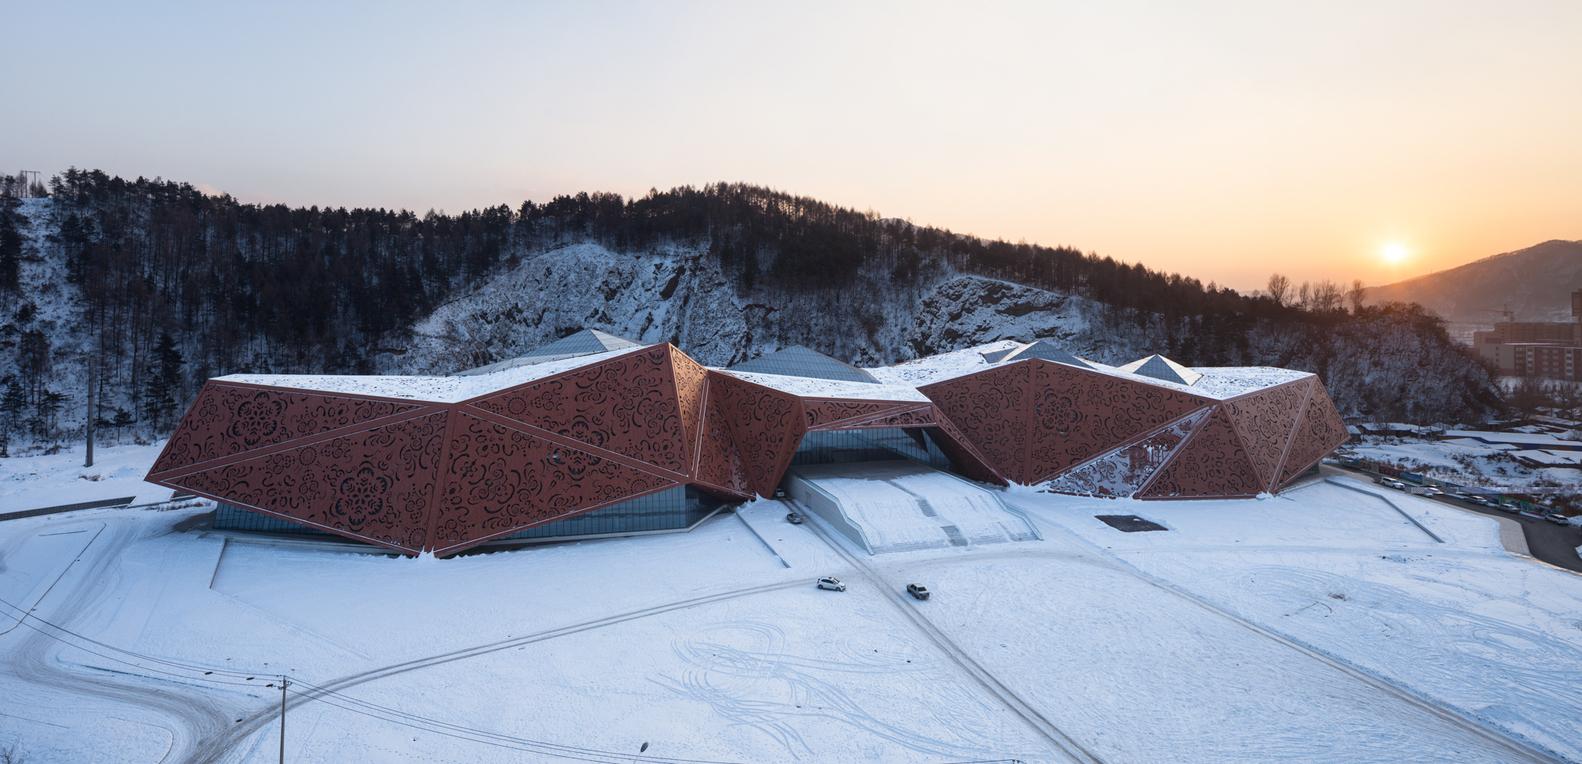 طراحی مرکز علمی و فرهنگی در چین - Tonghua Science Cultural Center 1 1